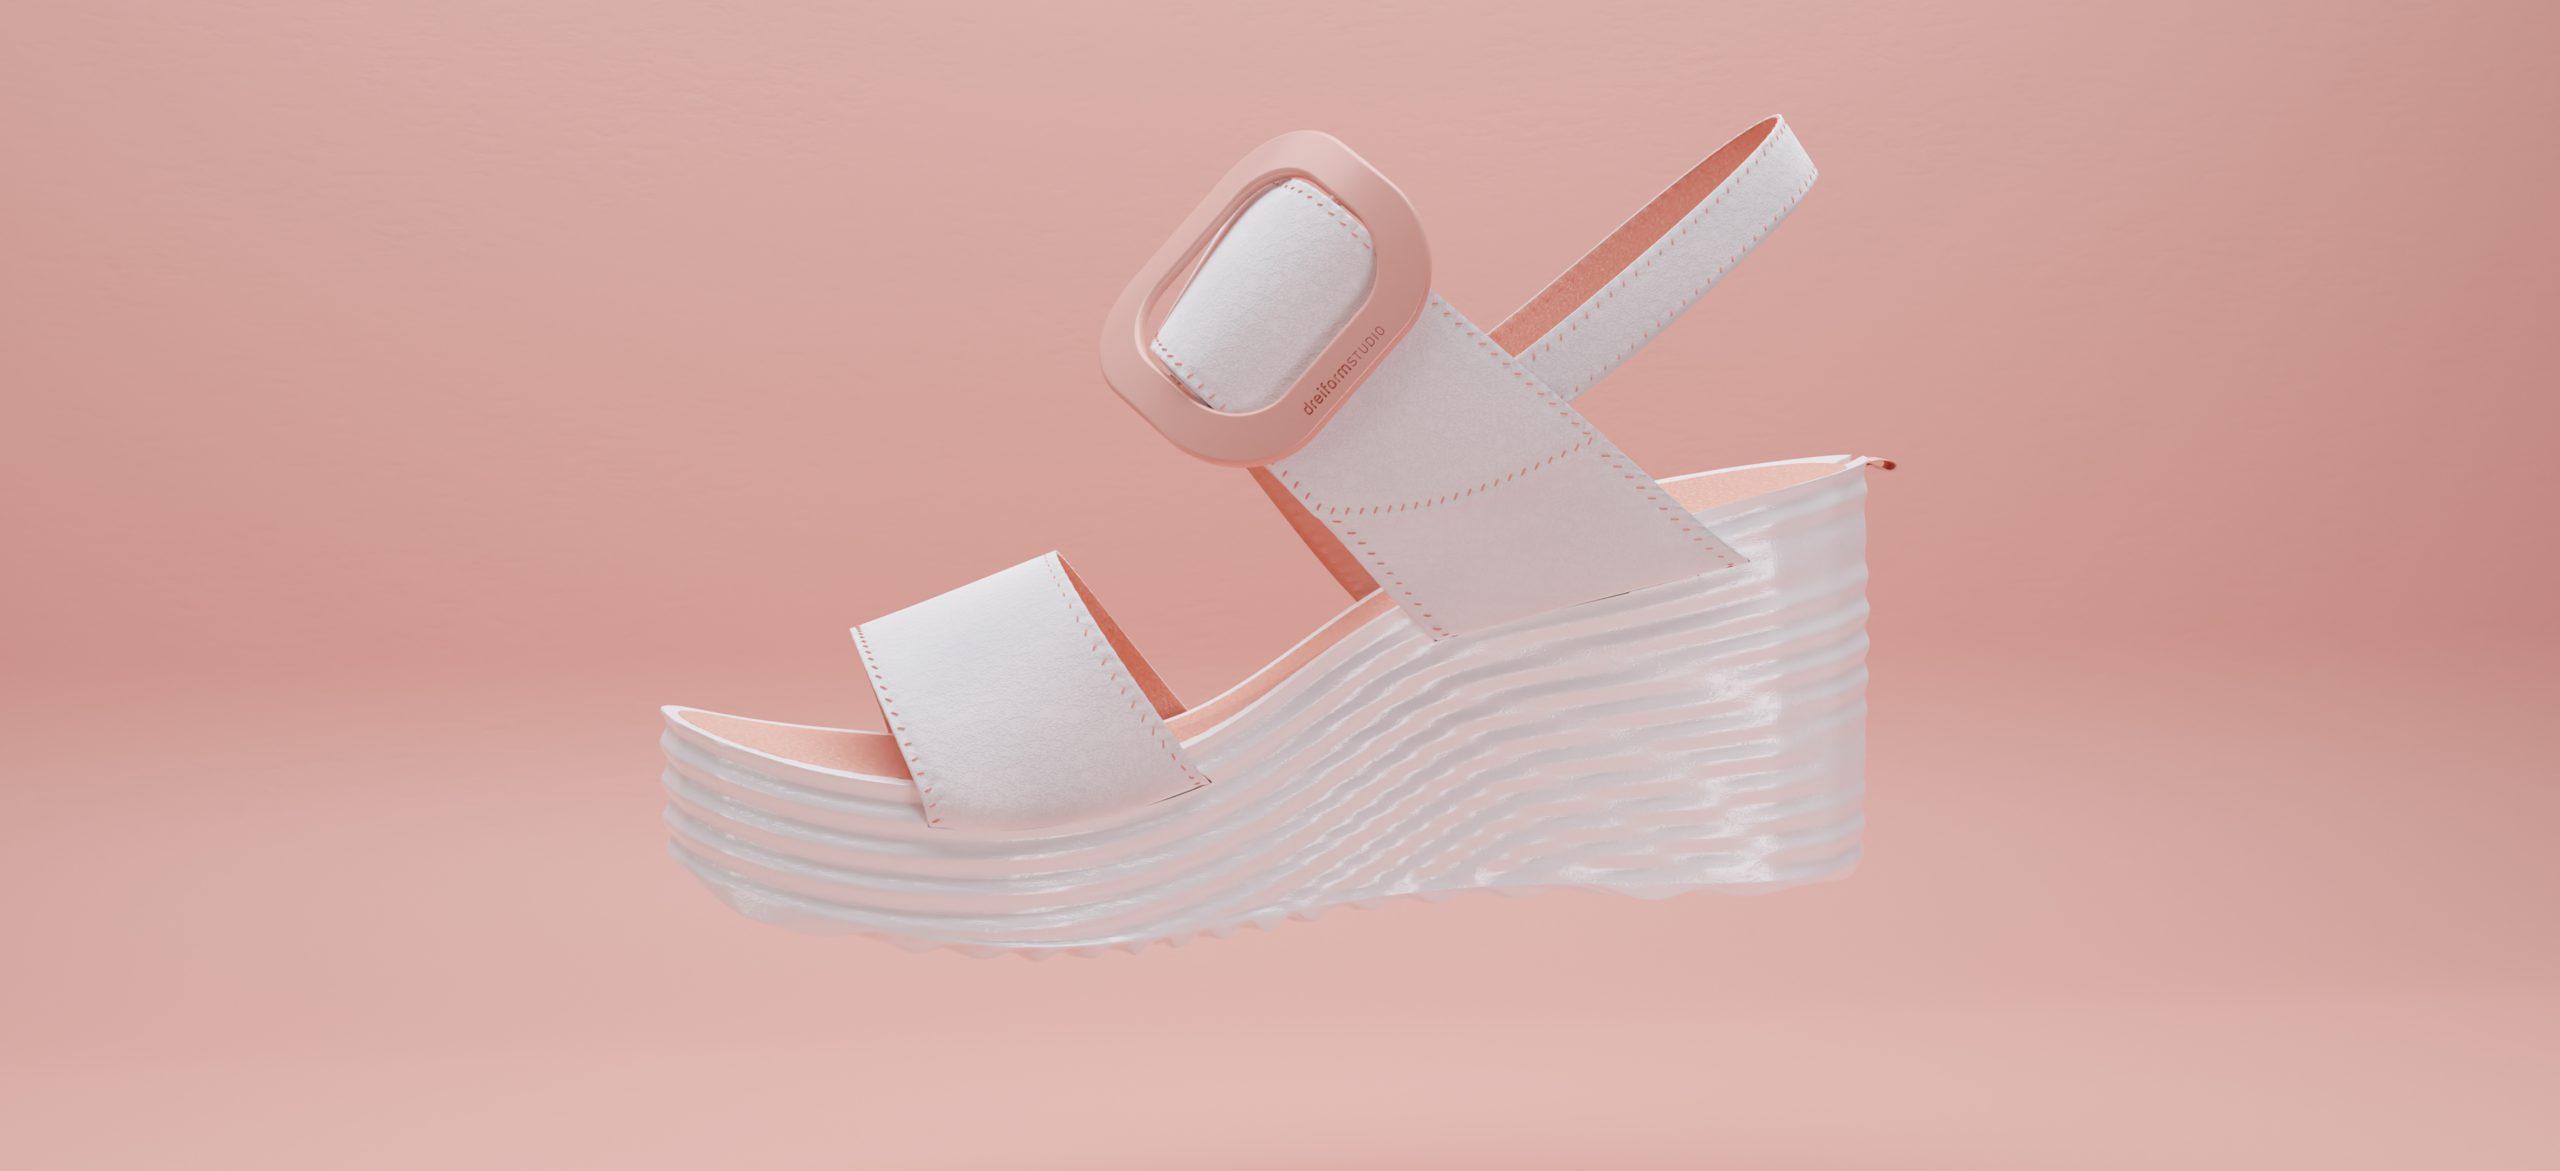 dreiformstudio white wedge sandals with peach highlights on peach background